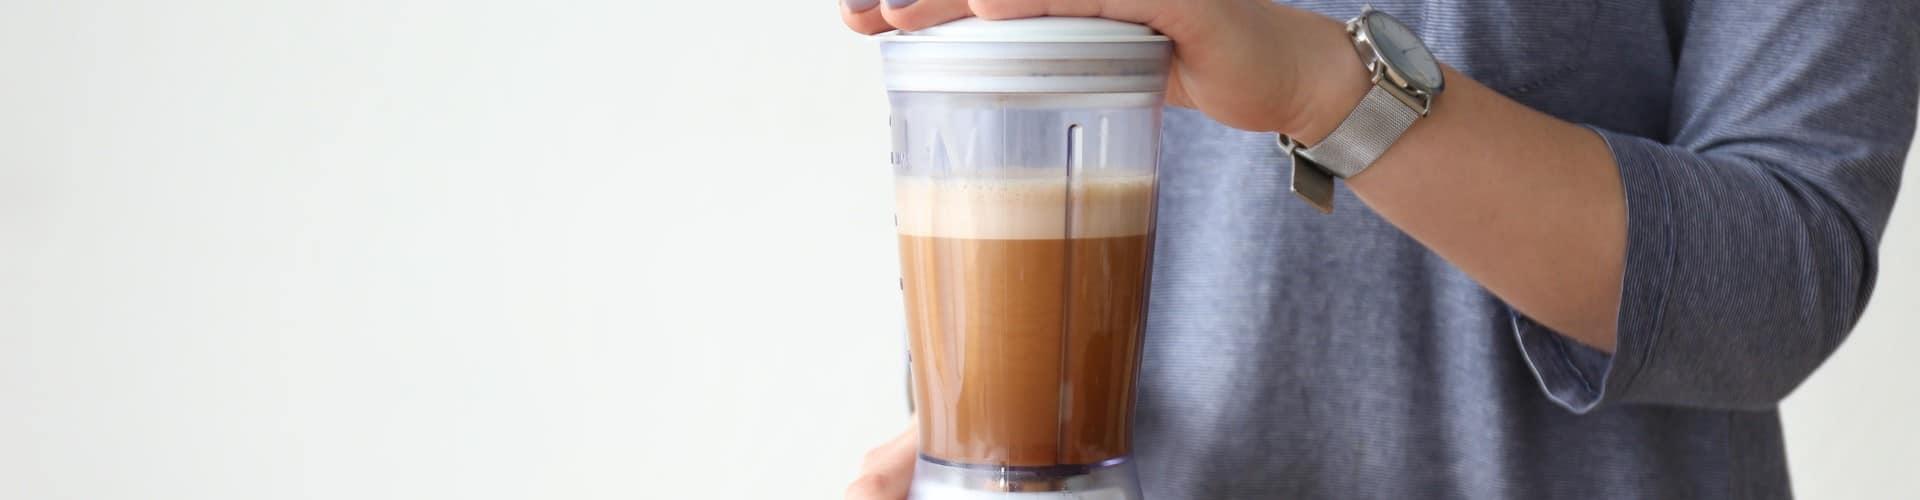 Best Blenders for Bulletproof Coffee Reviewed in Detail